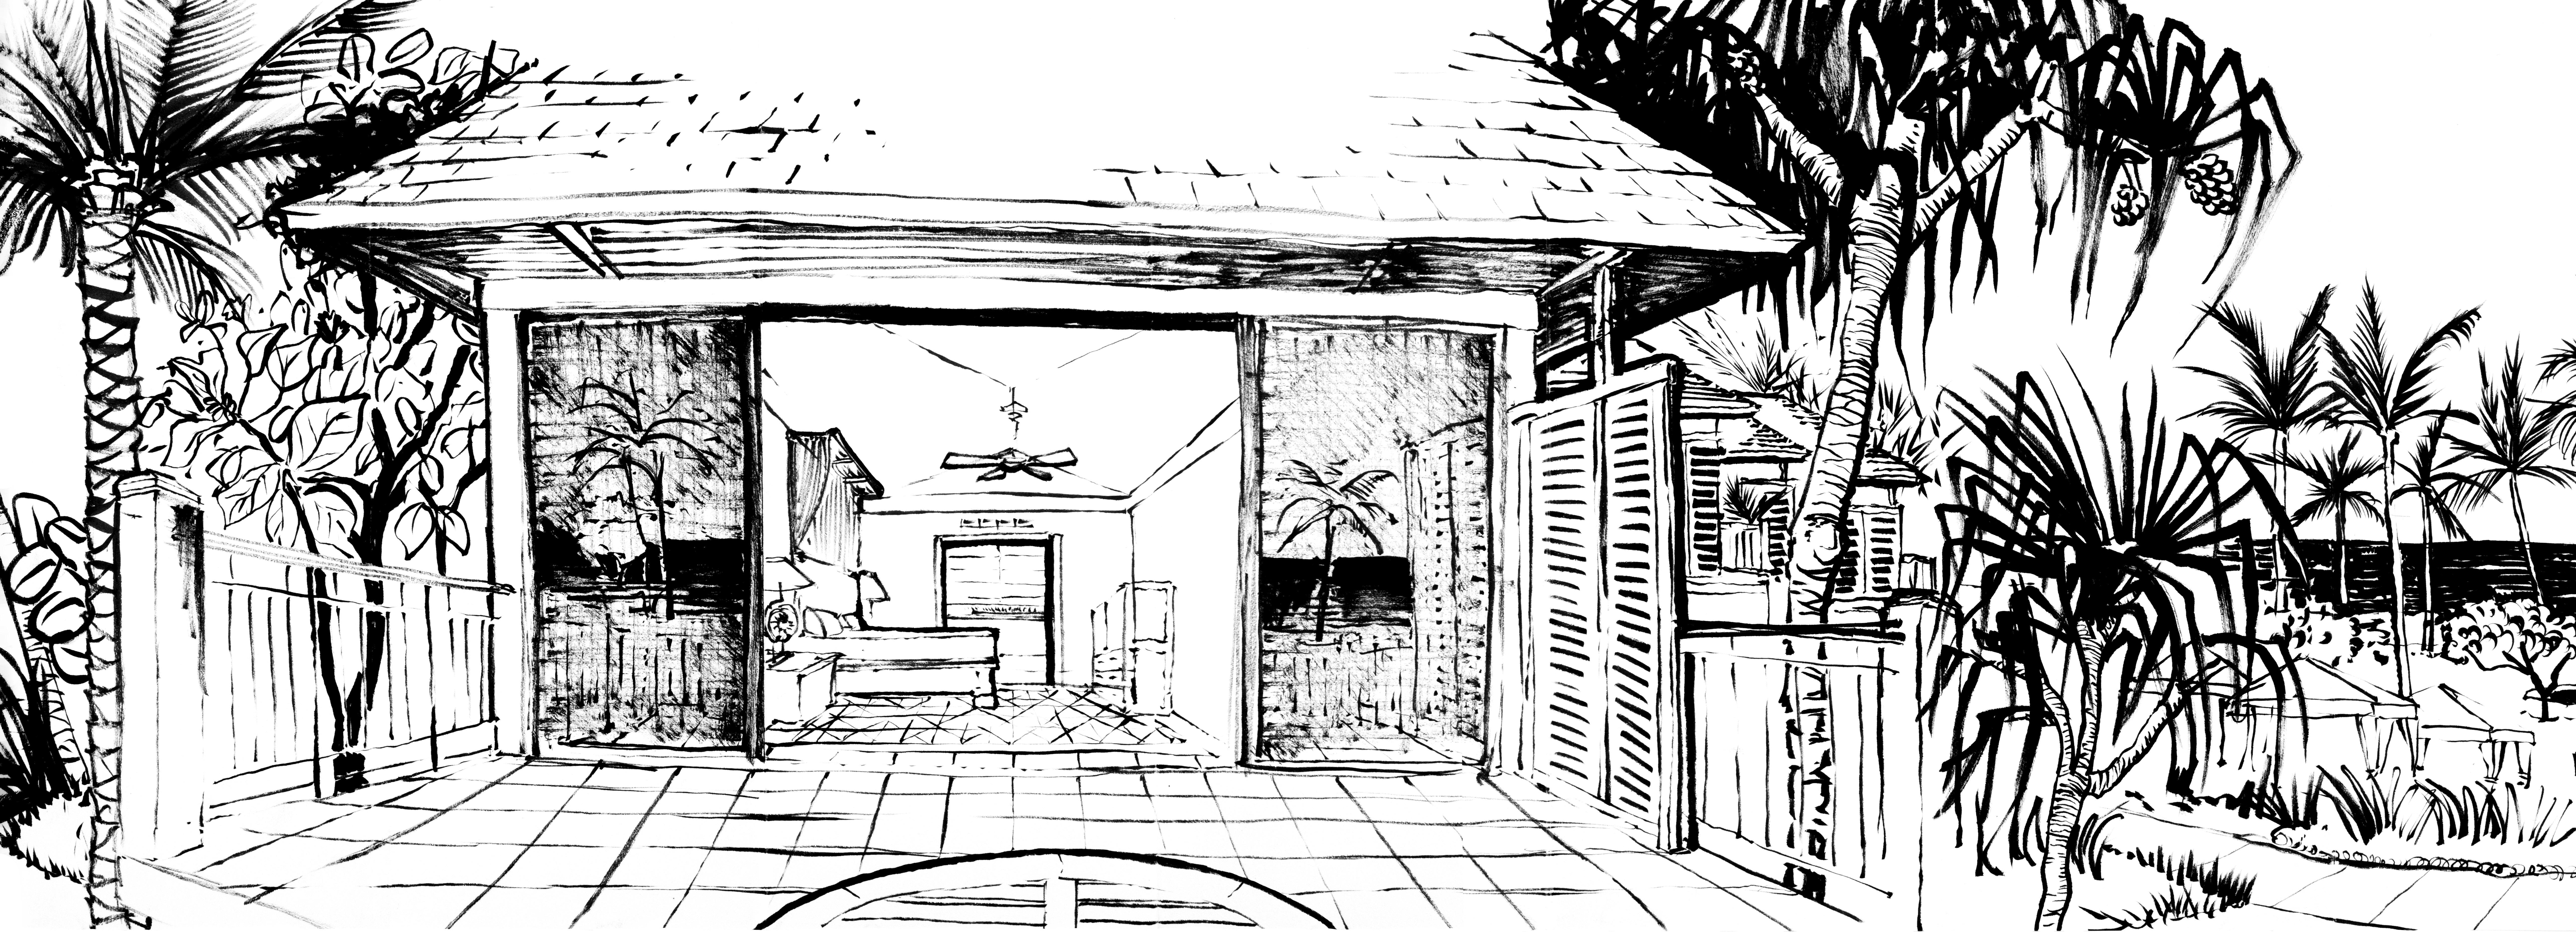 10.7-10.8 Hawaii bungalow design